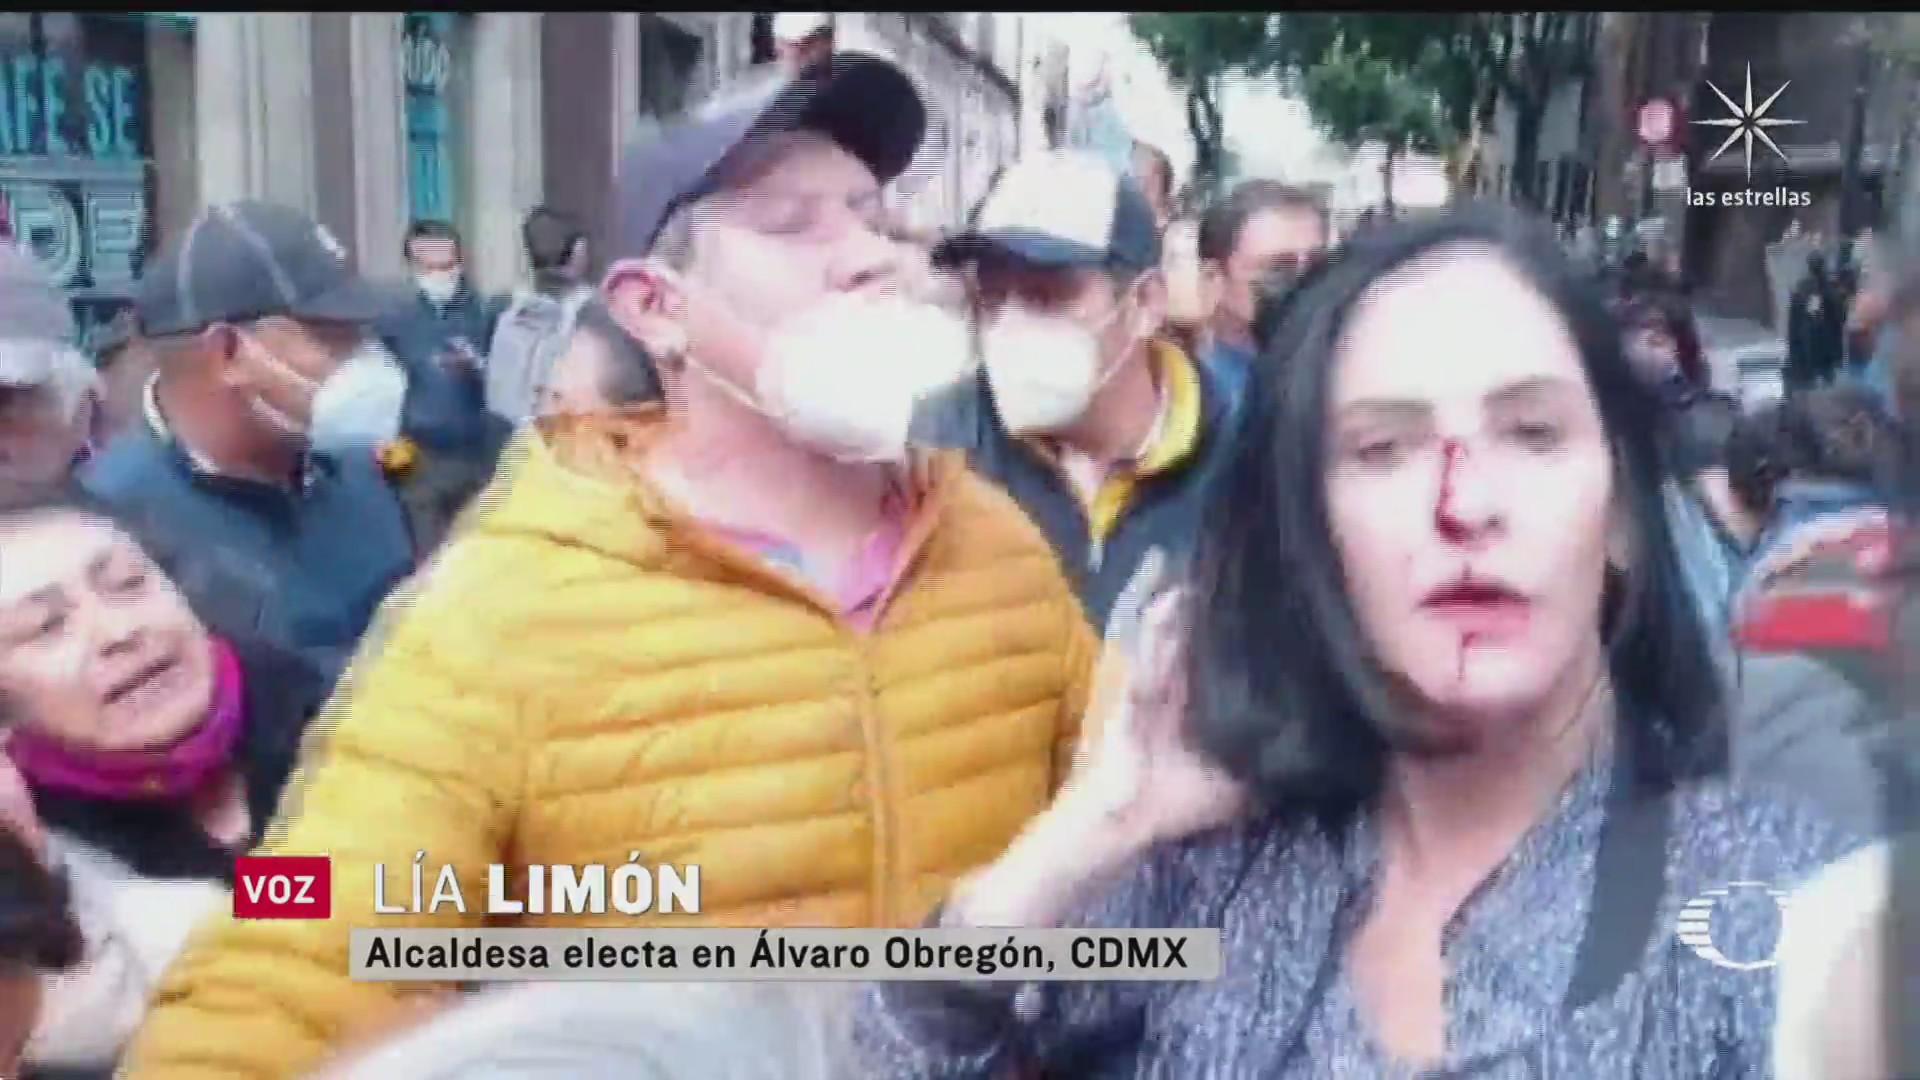 se enfrentan alcaldes electos y policias de la cdmx